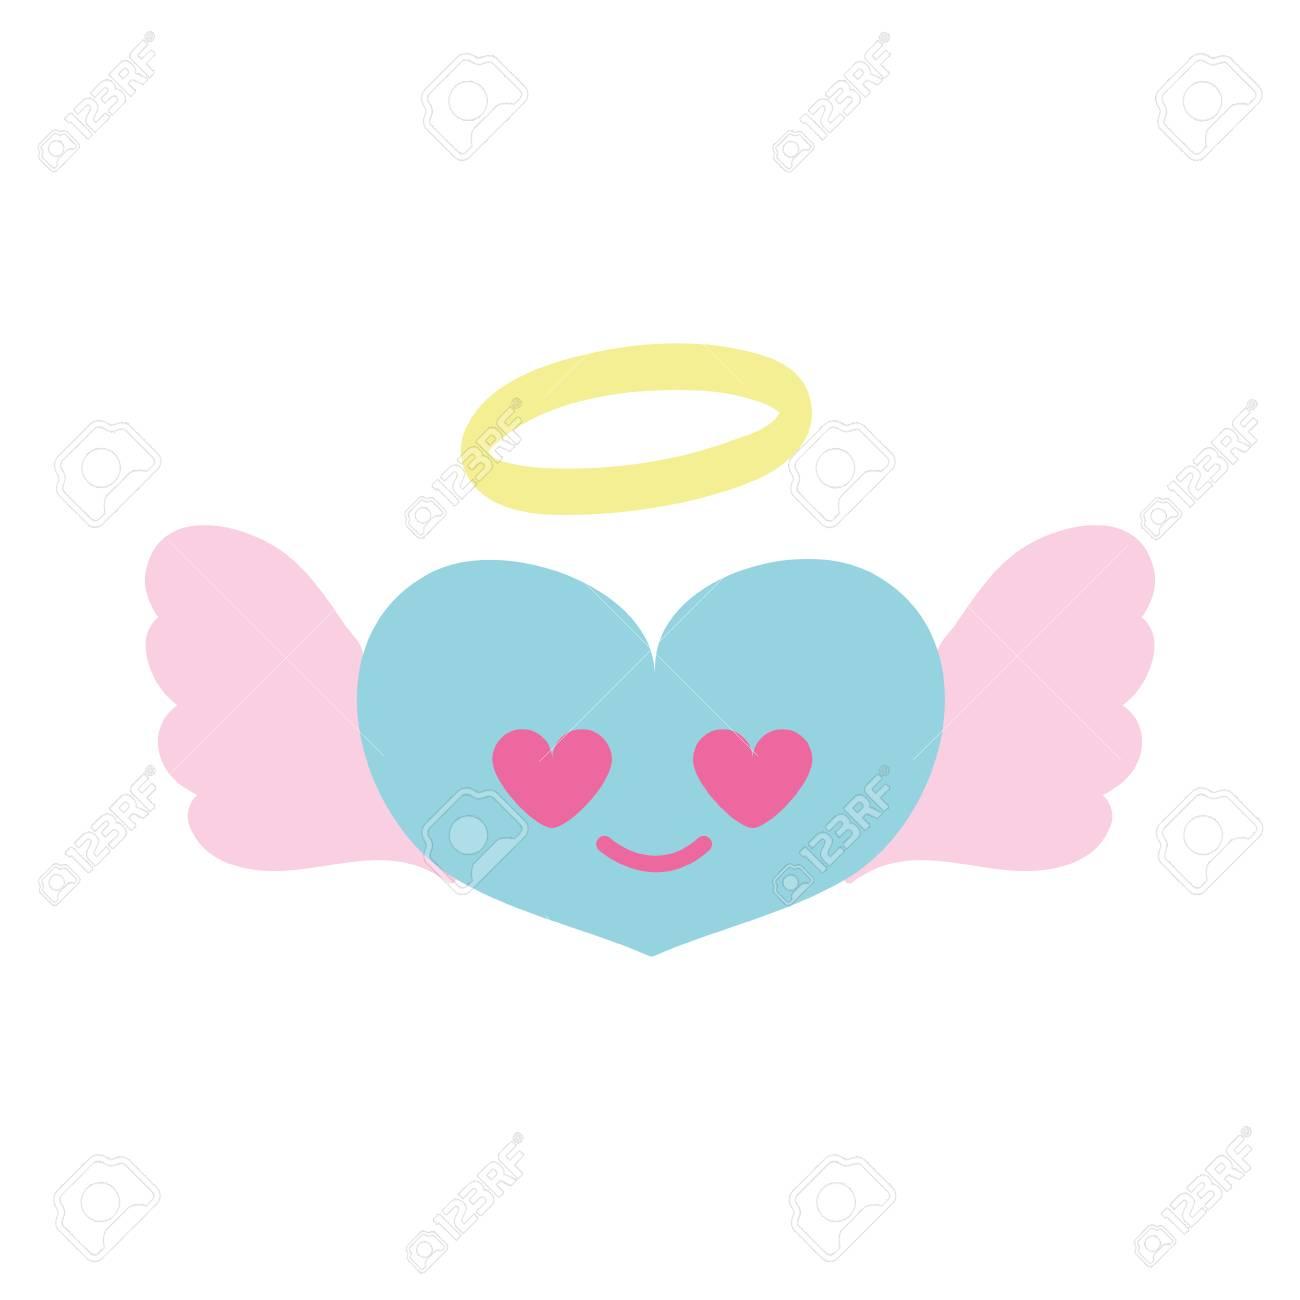 Ange Coeur Coloré Dans L 39 Amour Kawaii Dessin Animé Illustration Vectorielle